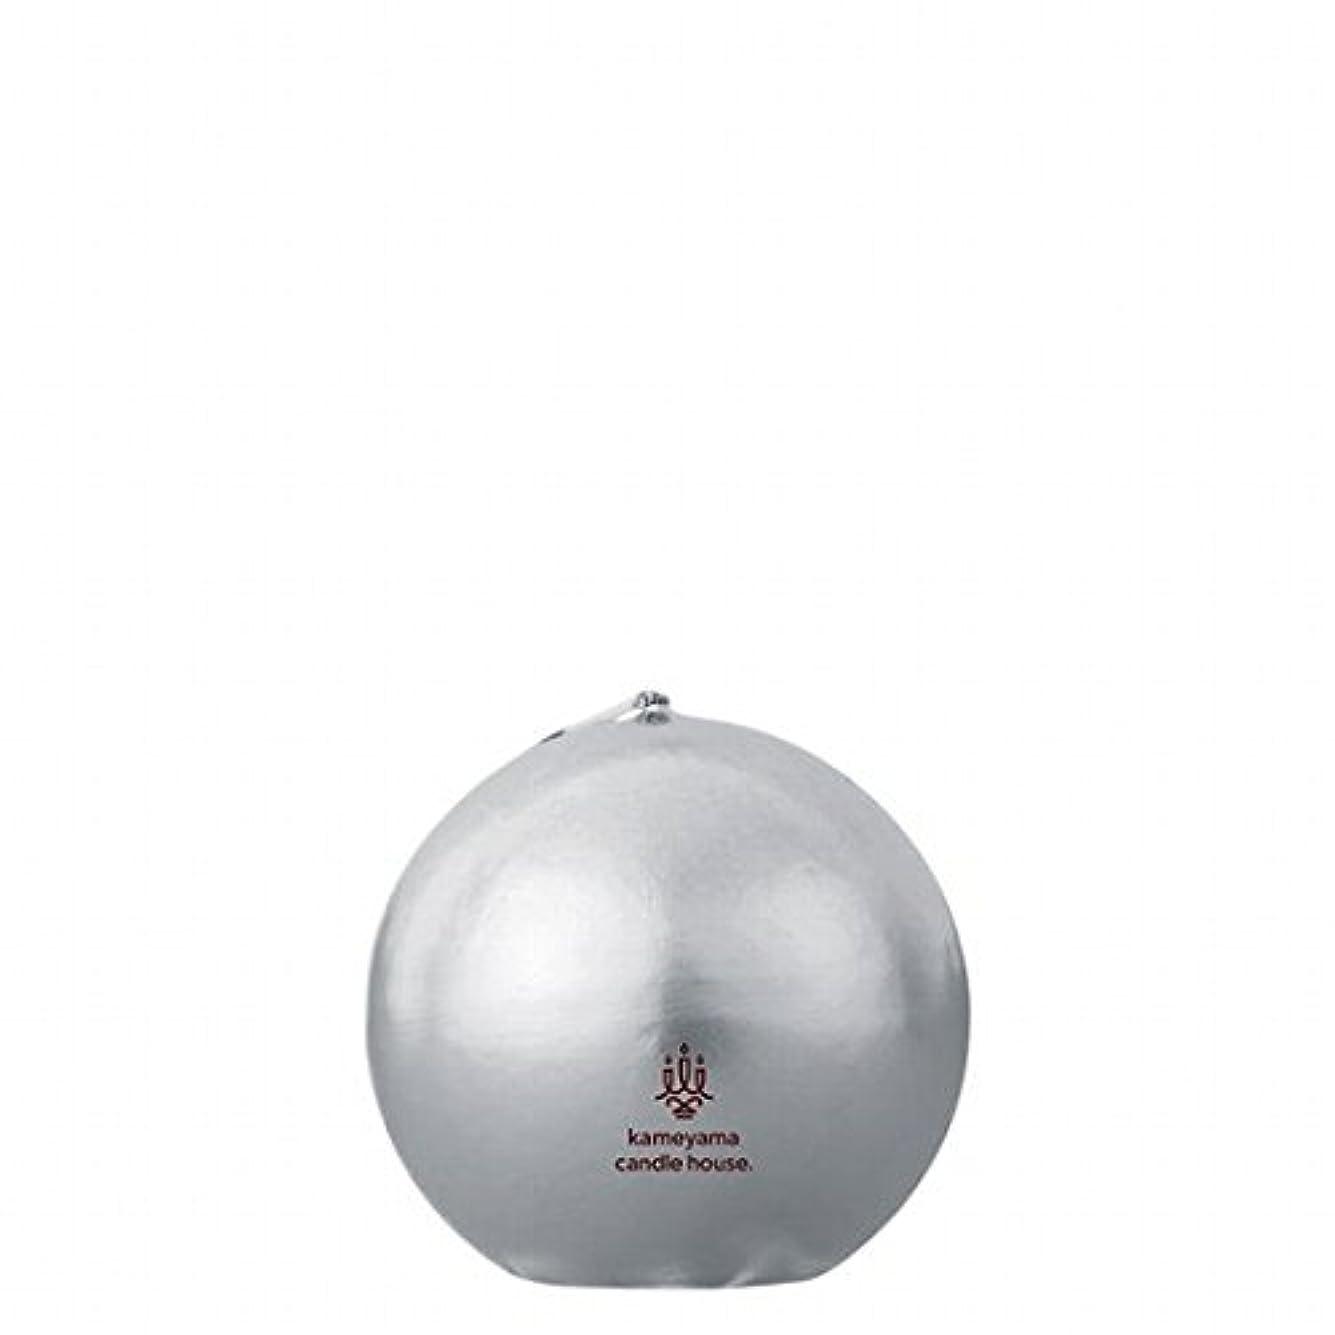 注ぎます素晴らしい良い多くの気分が良いカメヤマキャンドル(kameyama candle) メタリックボール60 「 シルバー 」